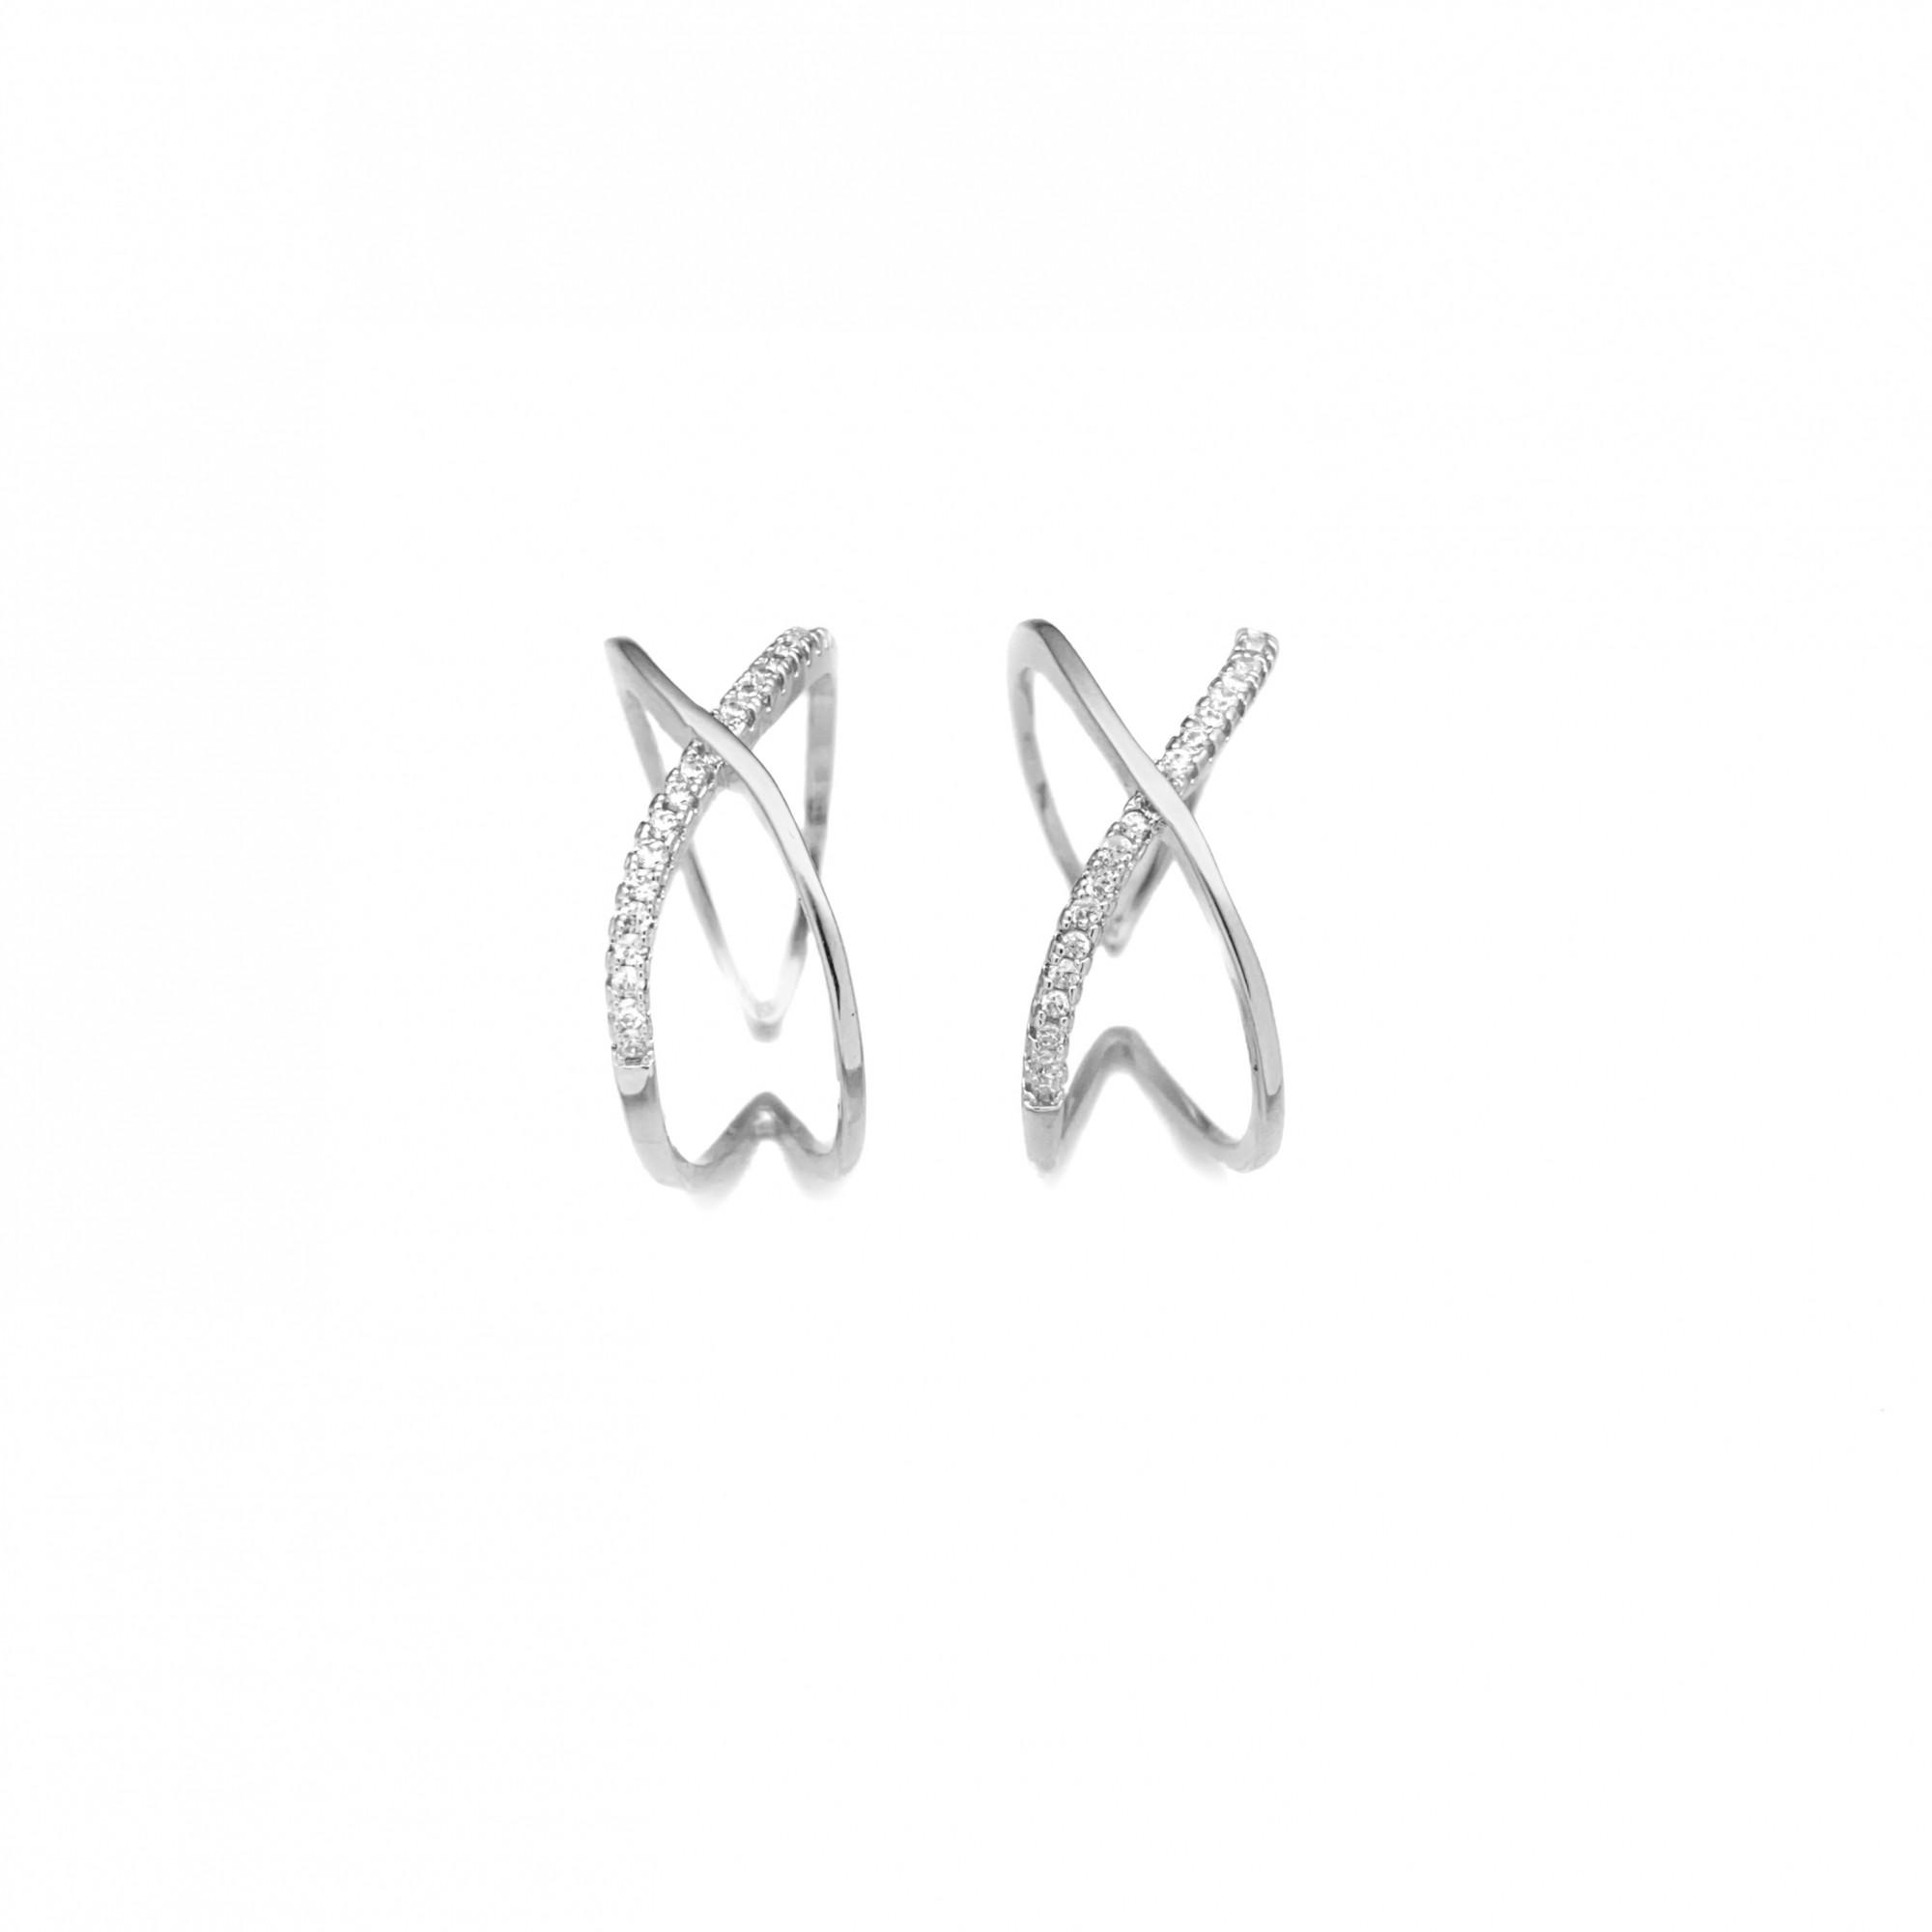 Anel Duplo em X Cravejado em Zircônia (Ajustável) (Banho Prata 925)*